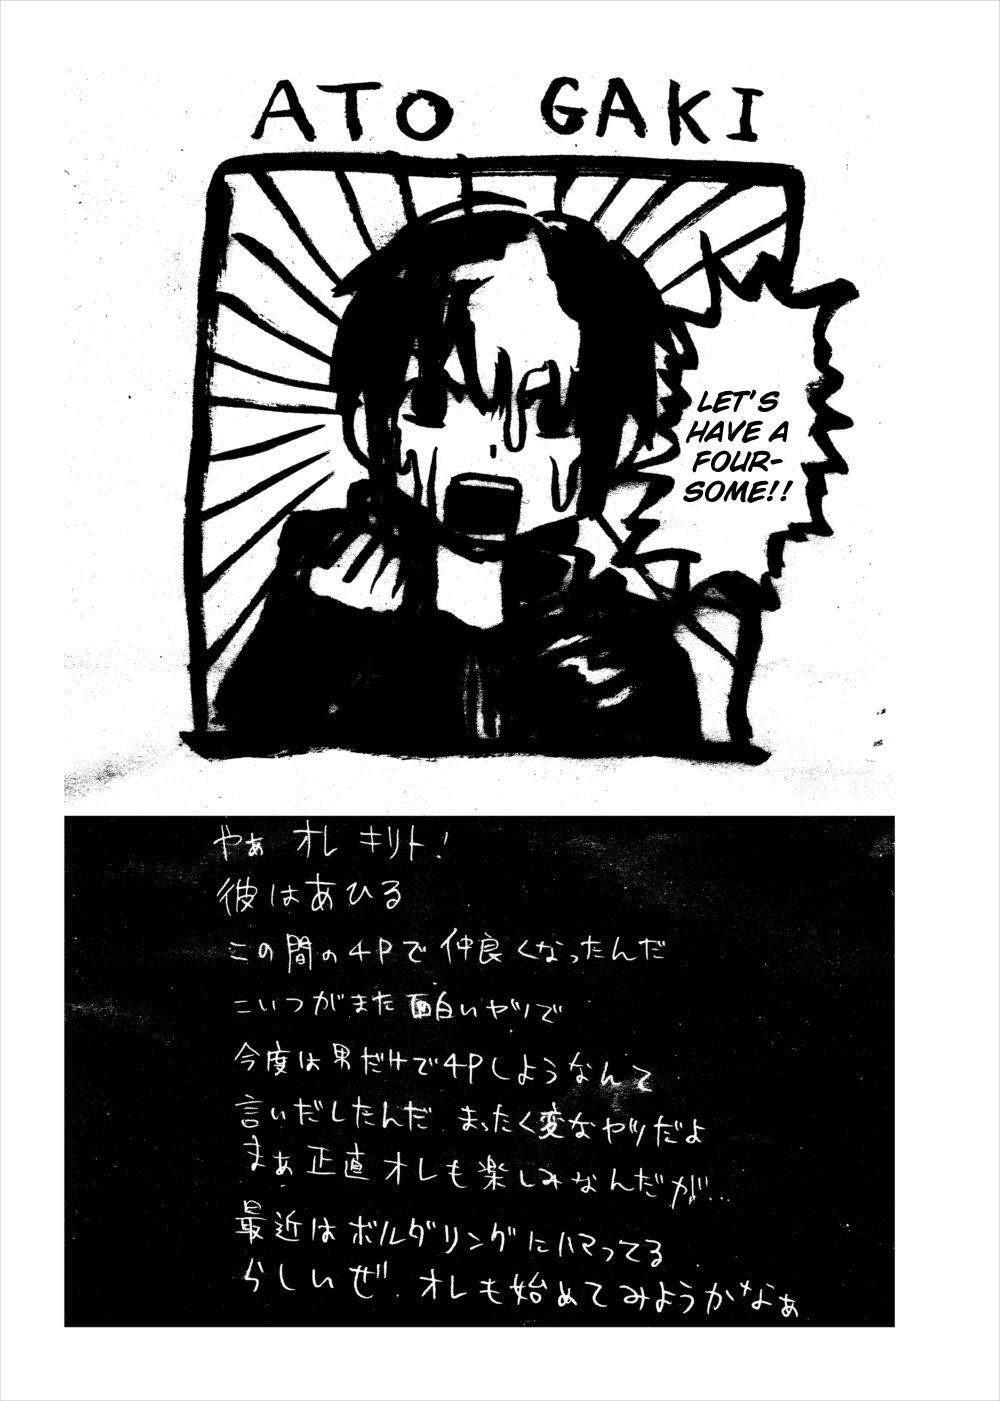 Lisbeth... Kirito ni wa Suterare, Kyaku ni wa Okasare Nakadashi Ninshin... Asuna to no Kakusa ga Hirogaru Online 22